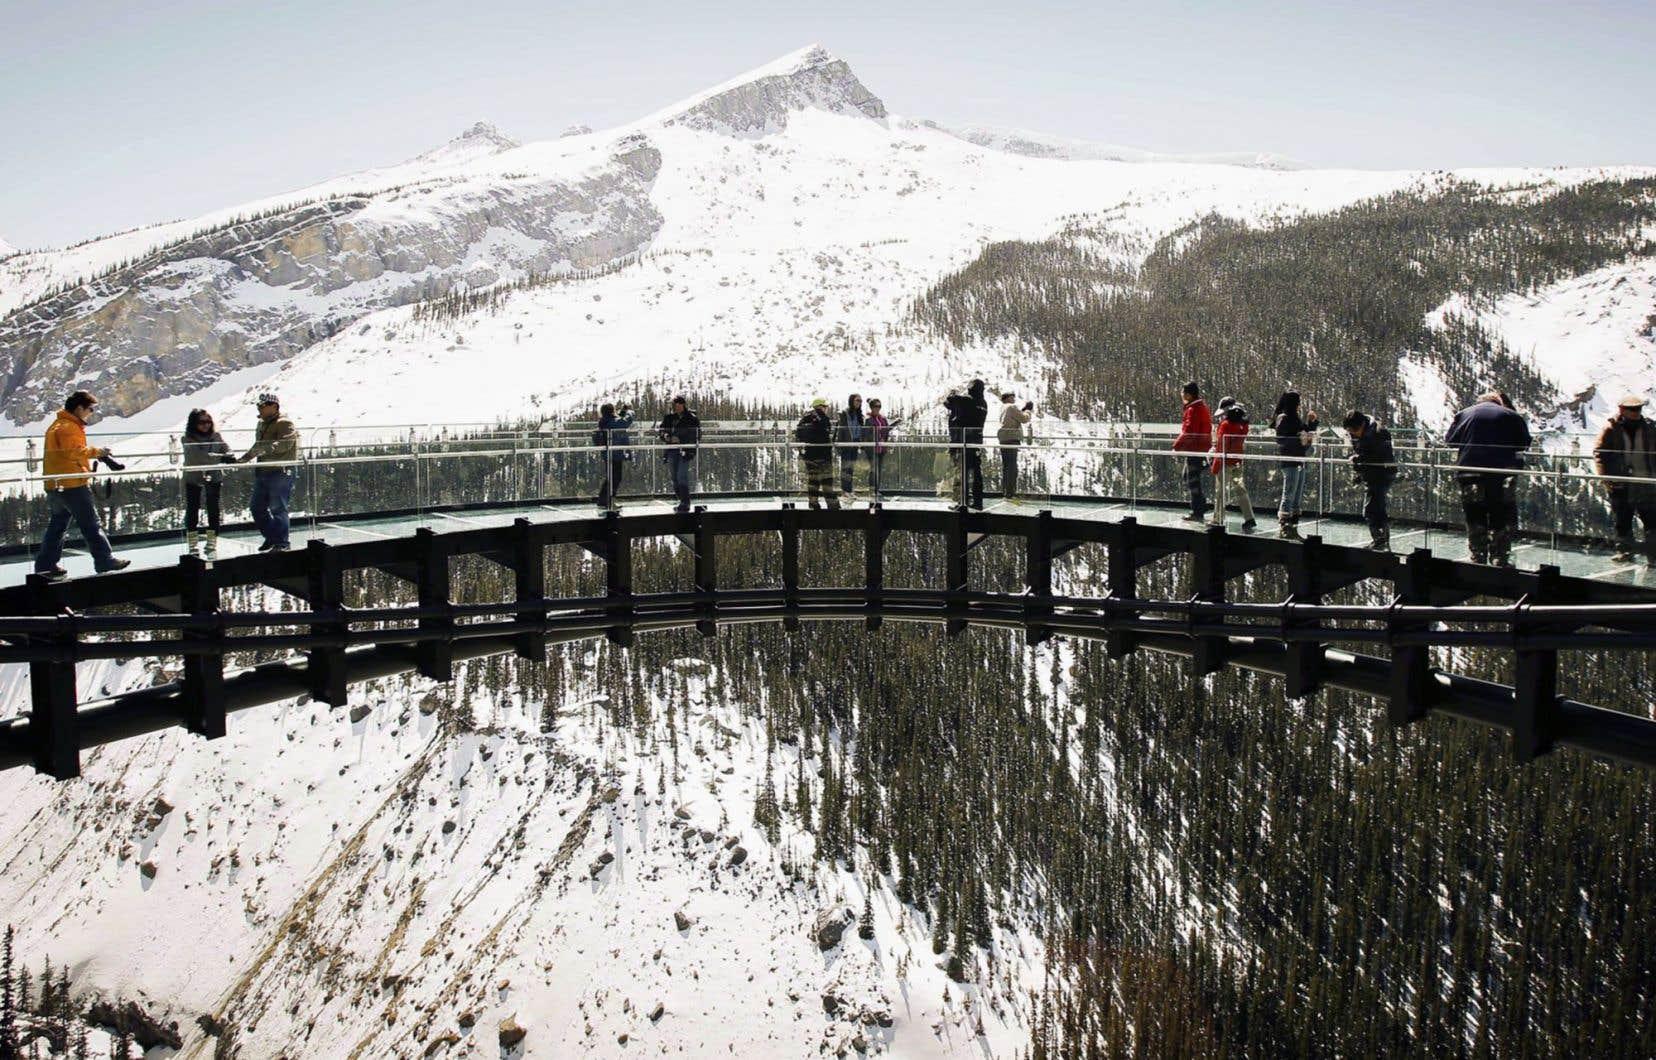 Des parcs comme ceux de Banff, de Jasper et de la Péninsule-Bruce sont déjà très fréquentés et un achalandage accru pourrait leur retirer de la grandeur, craint un expert.